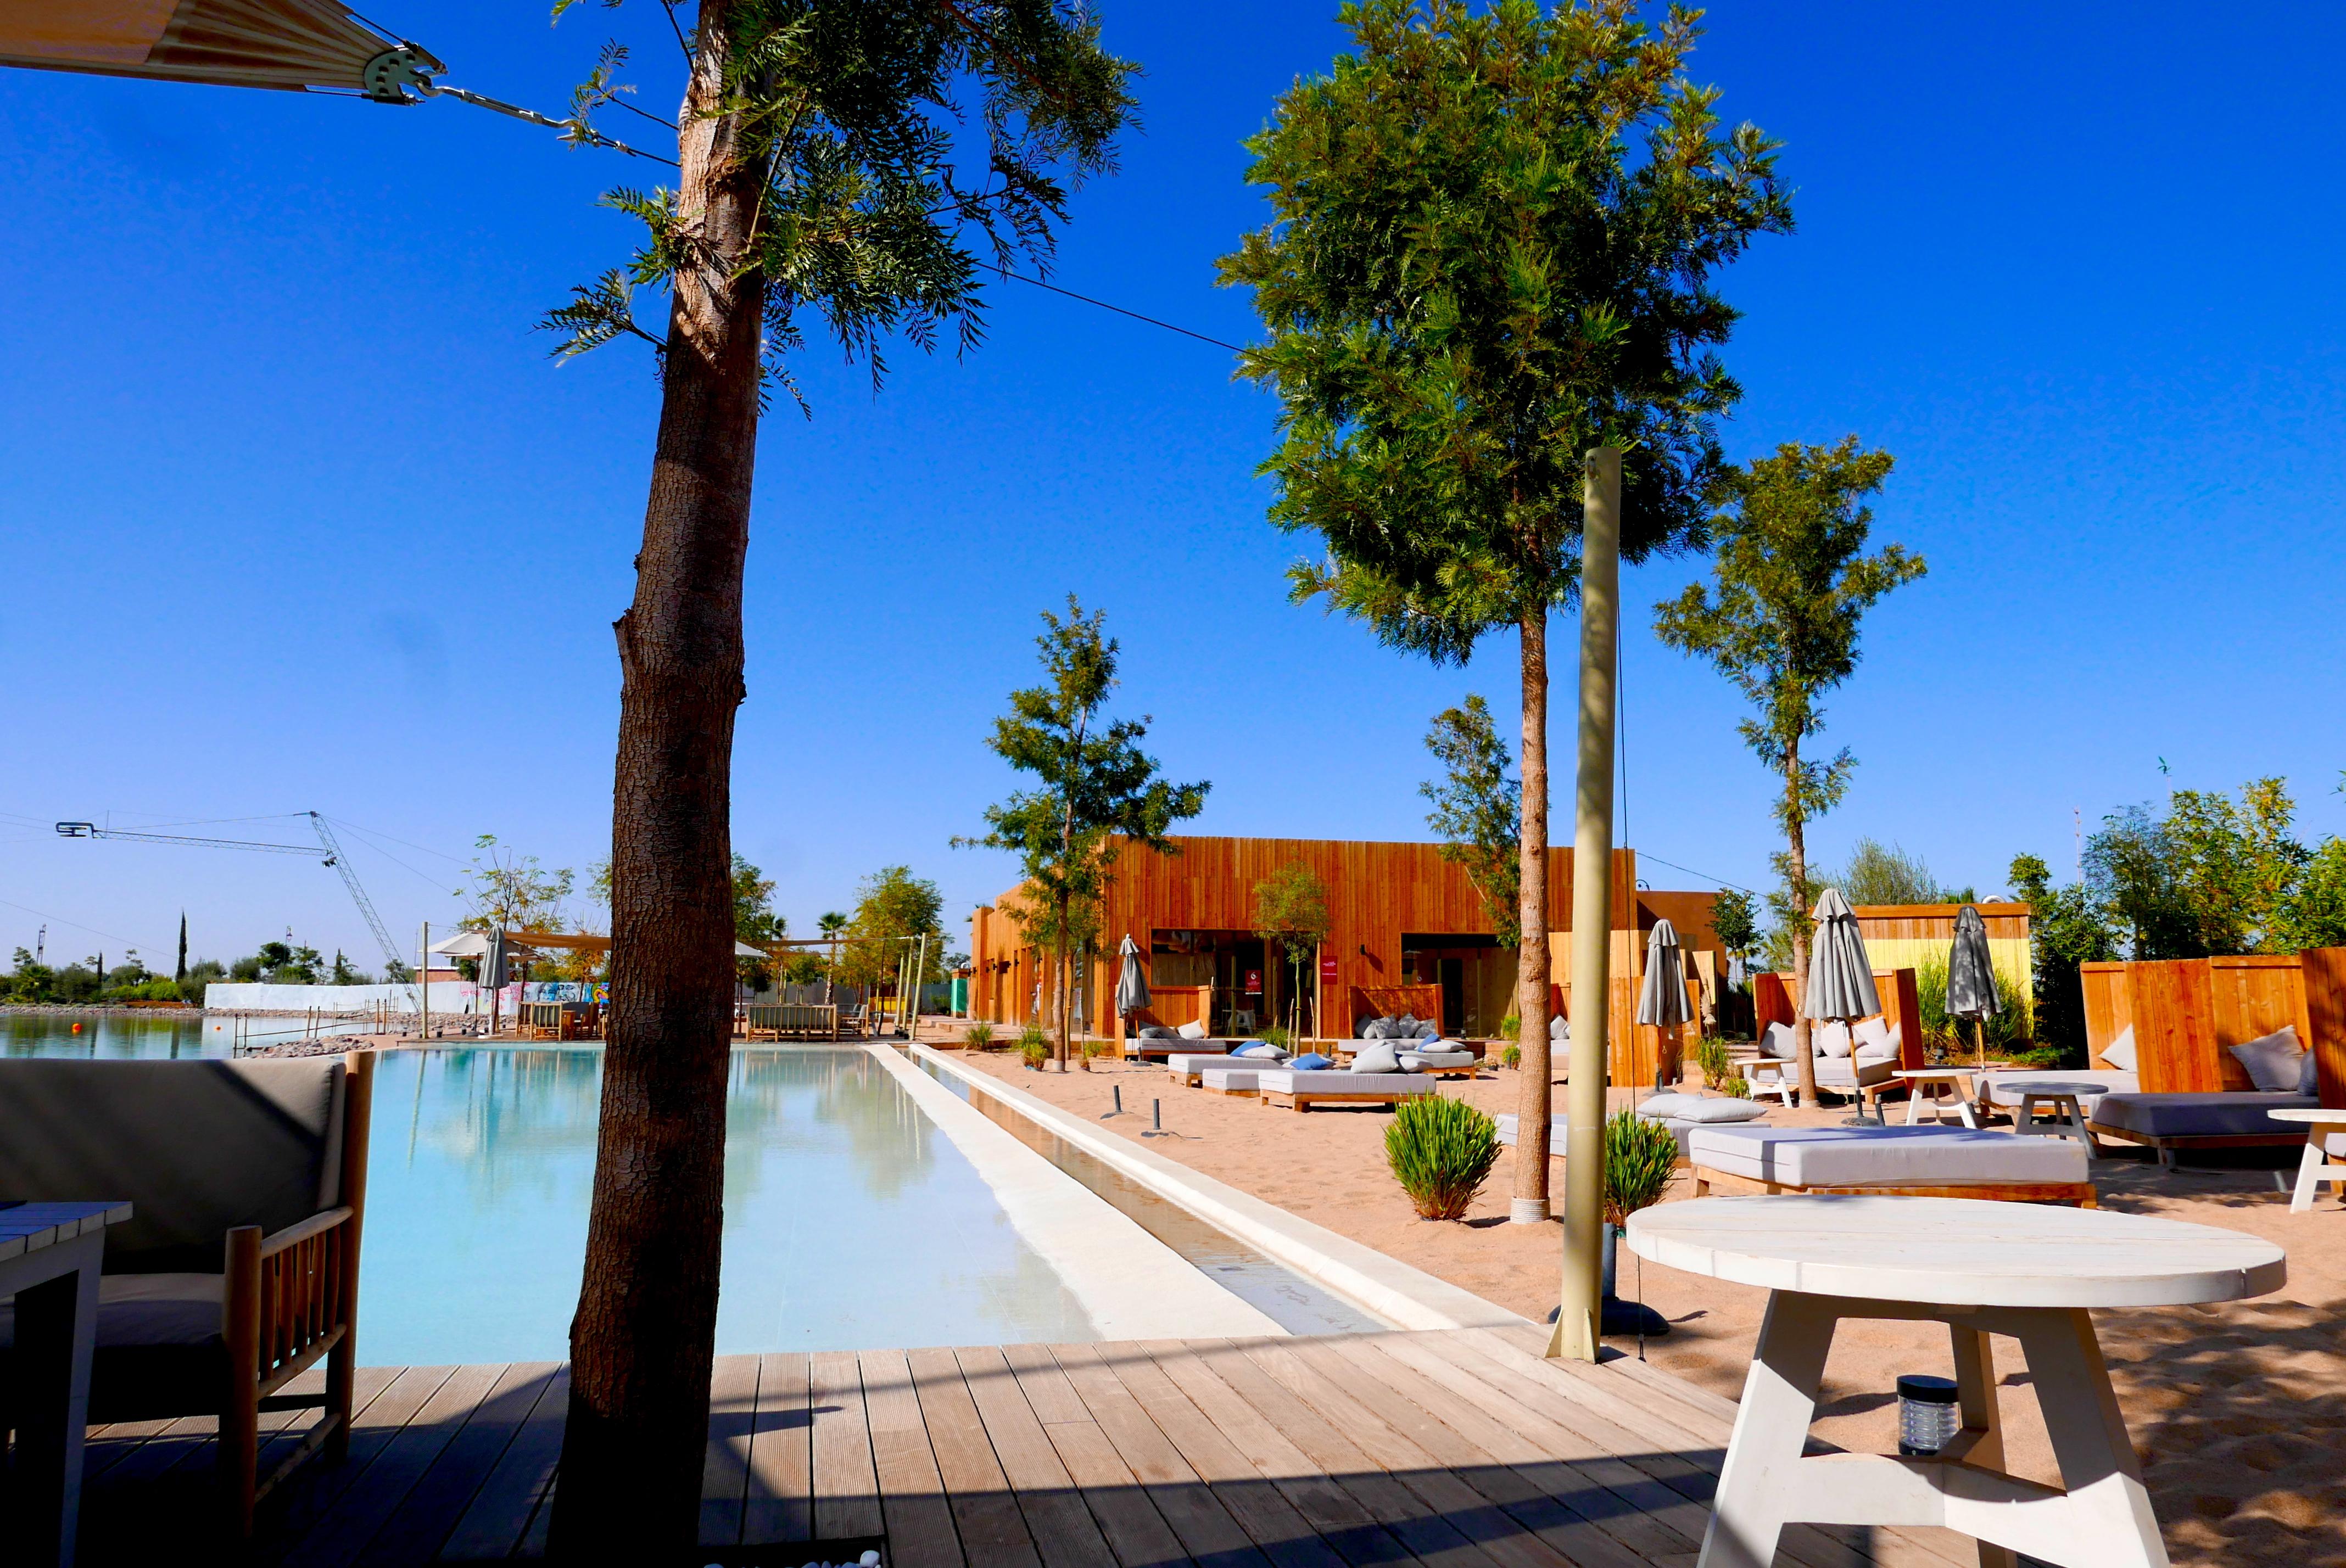 Detalhe do clube, com praia artificial, do Marrakech Ourika